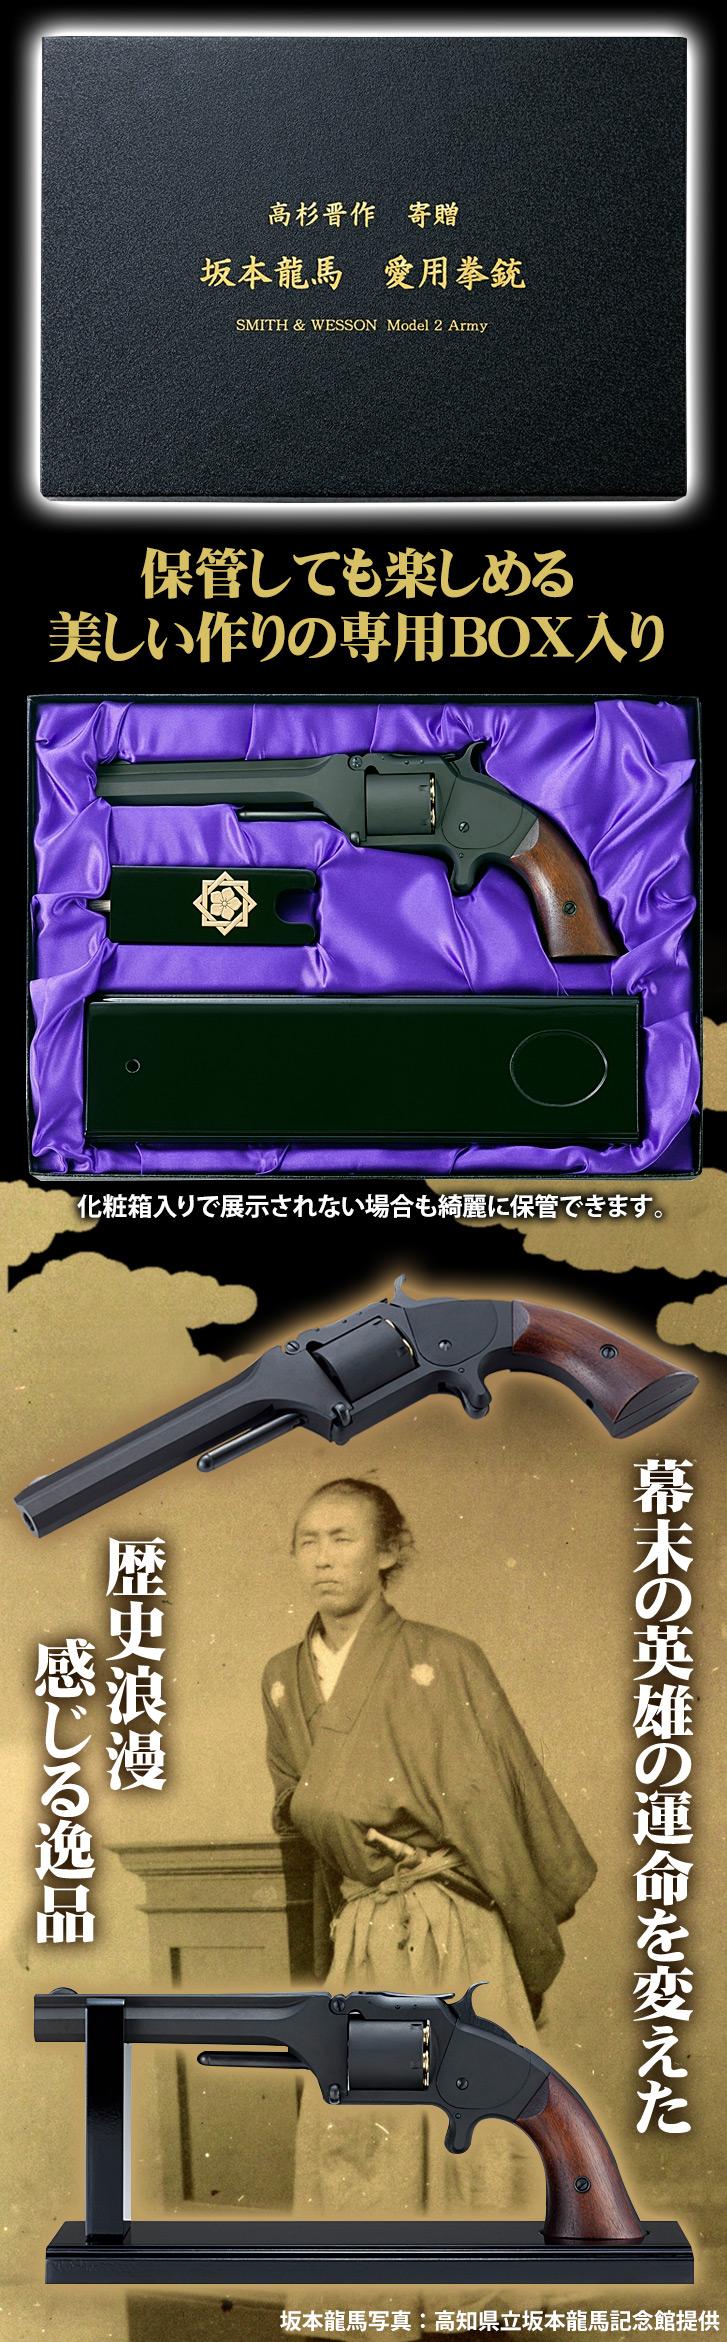 坂本龍馬 愛刀・銃